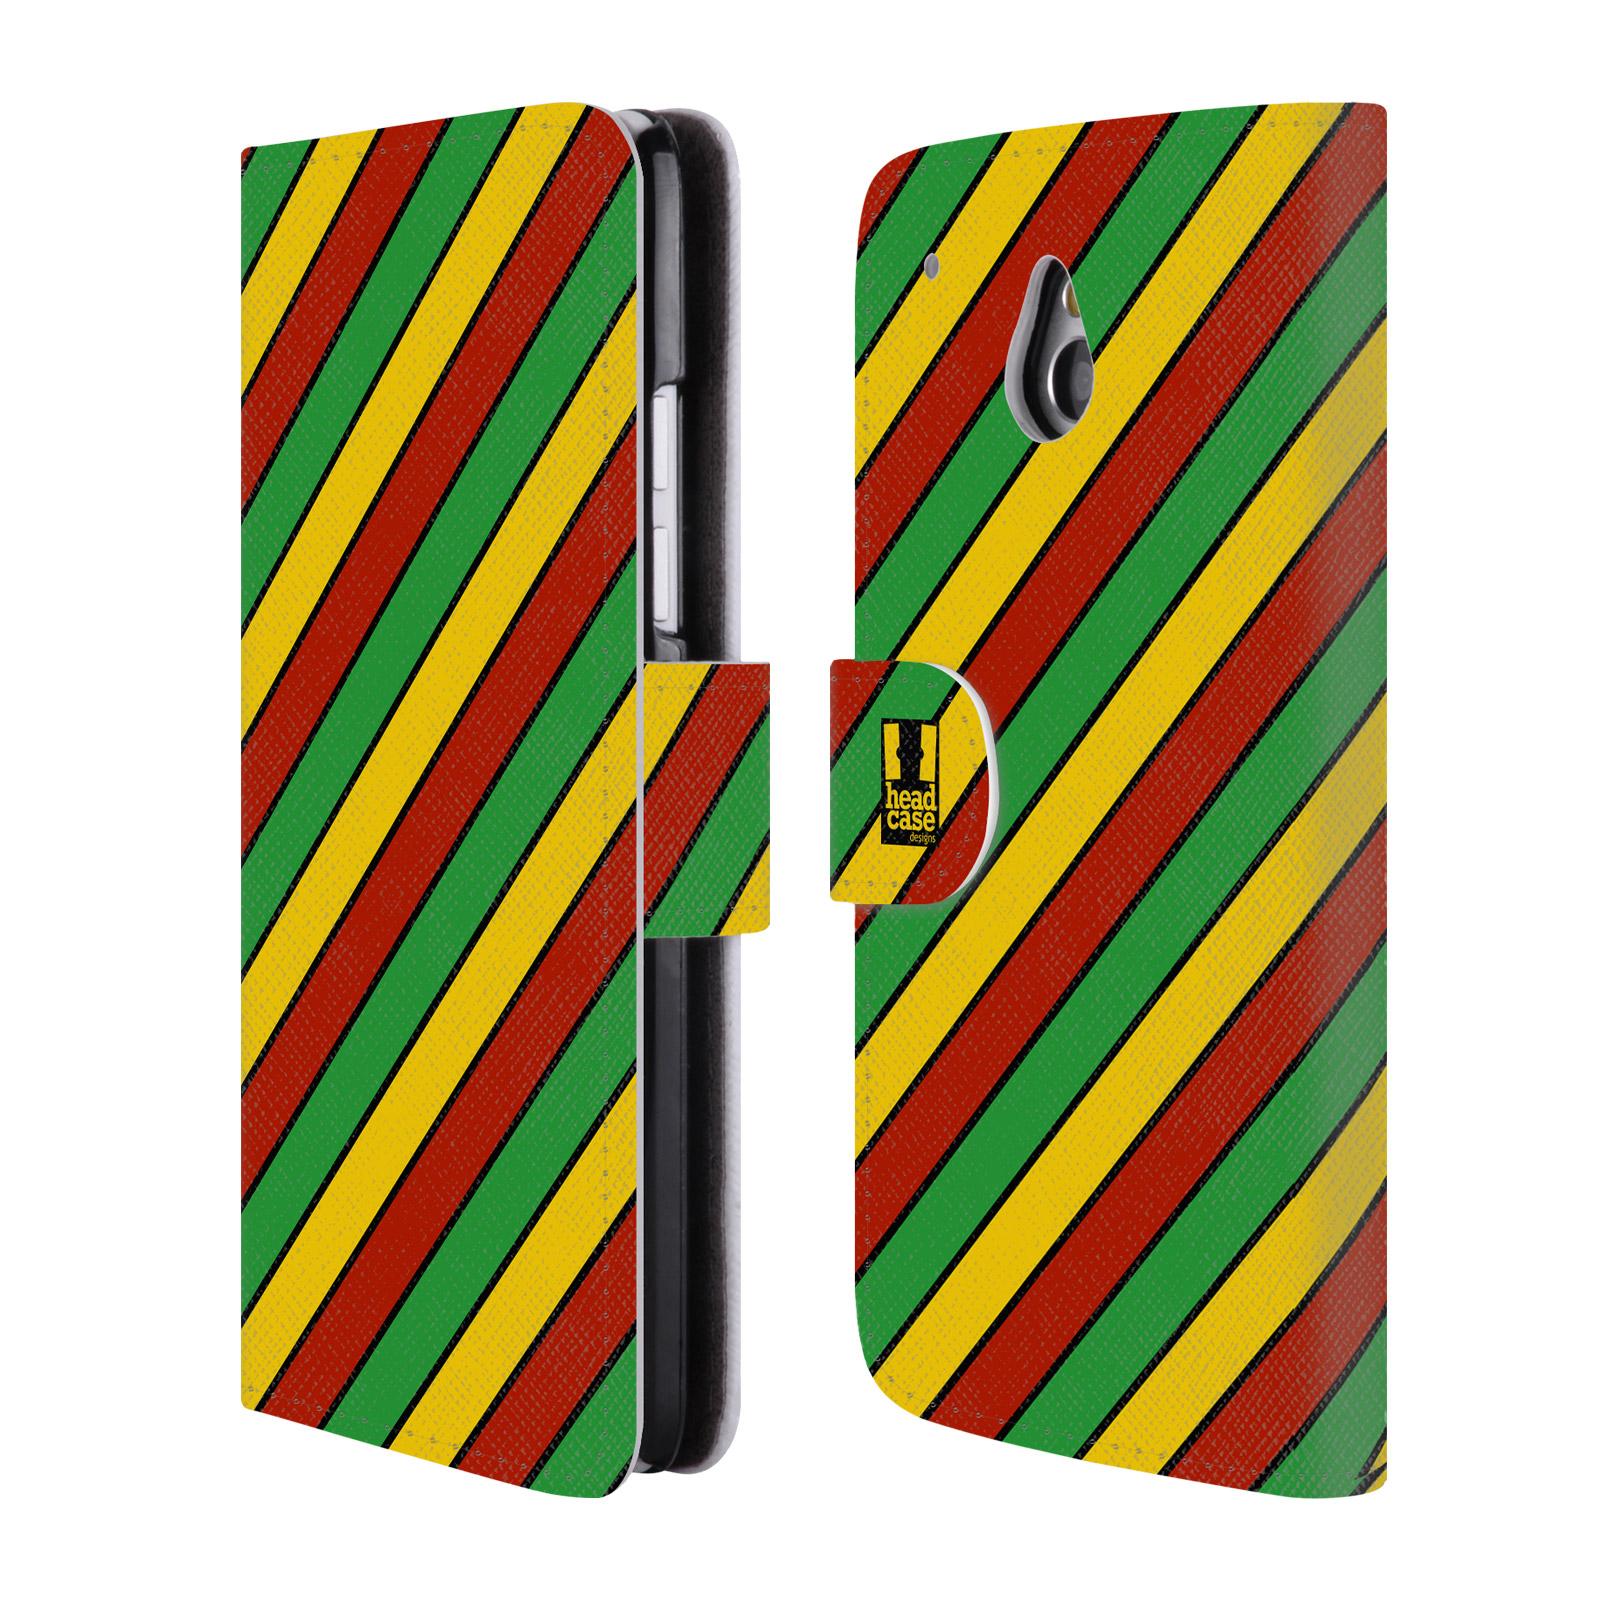 HEAD CASE Flipové pouzdro pro mobil HTC ONE MINI (M4) Rastafariánský motiv Jamajka diagonální pruhy